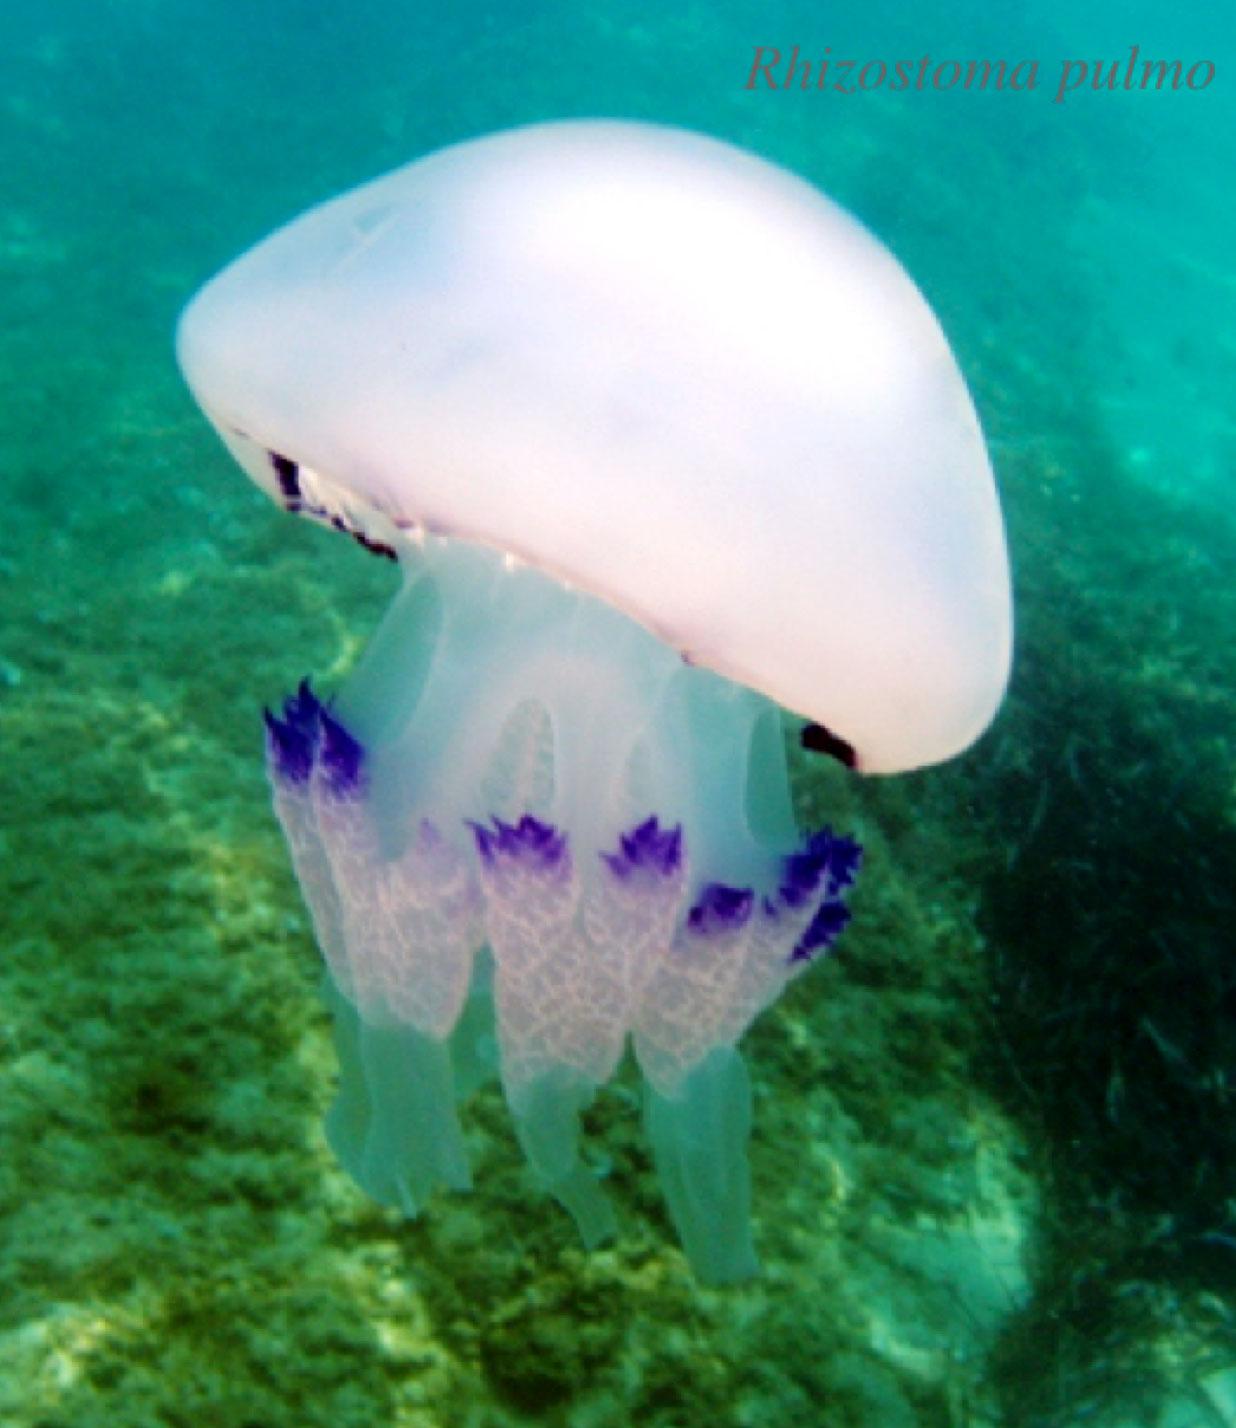 Acquari di meduse come costruirli e gestirli pagina 2 for Arredo acquario acqua dolce